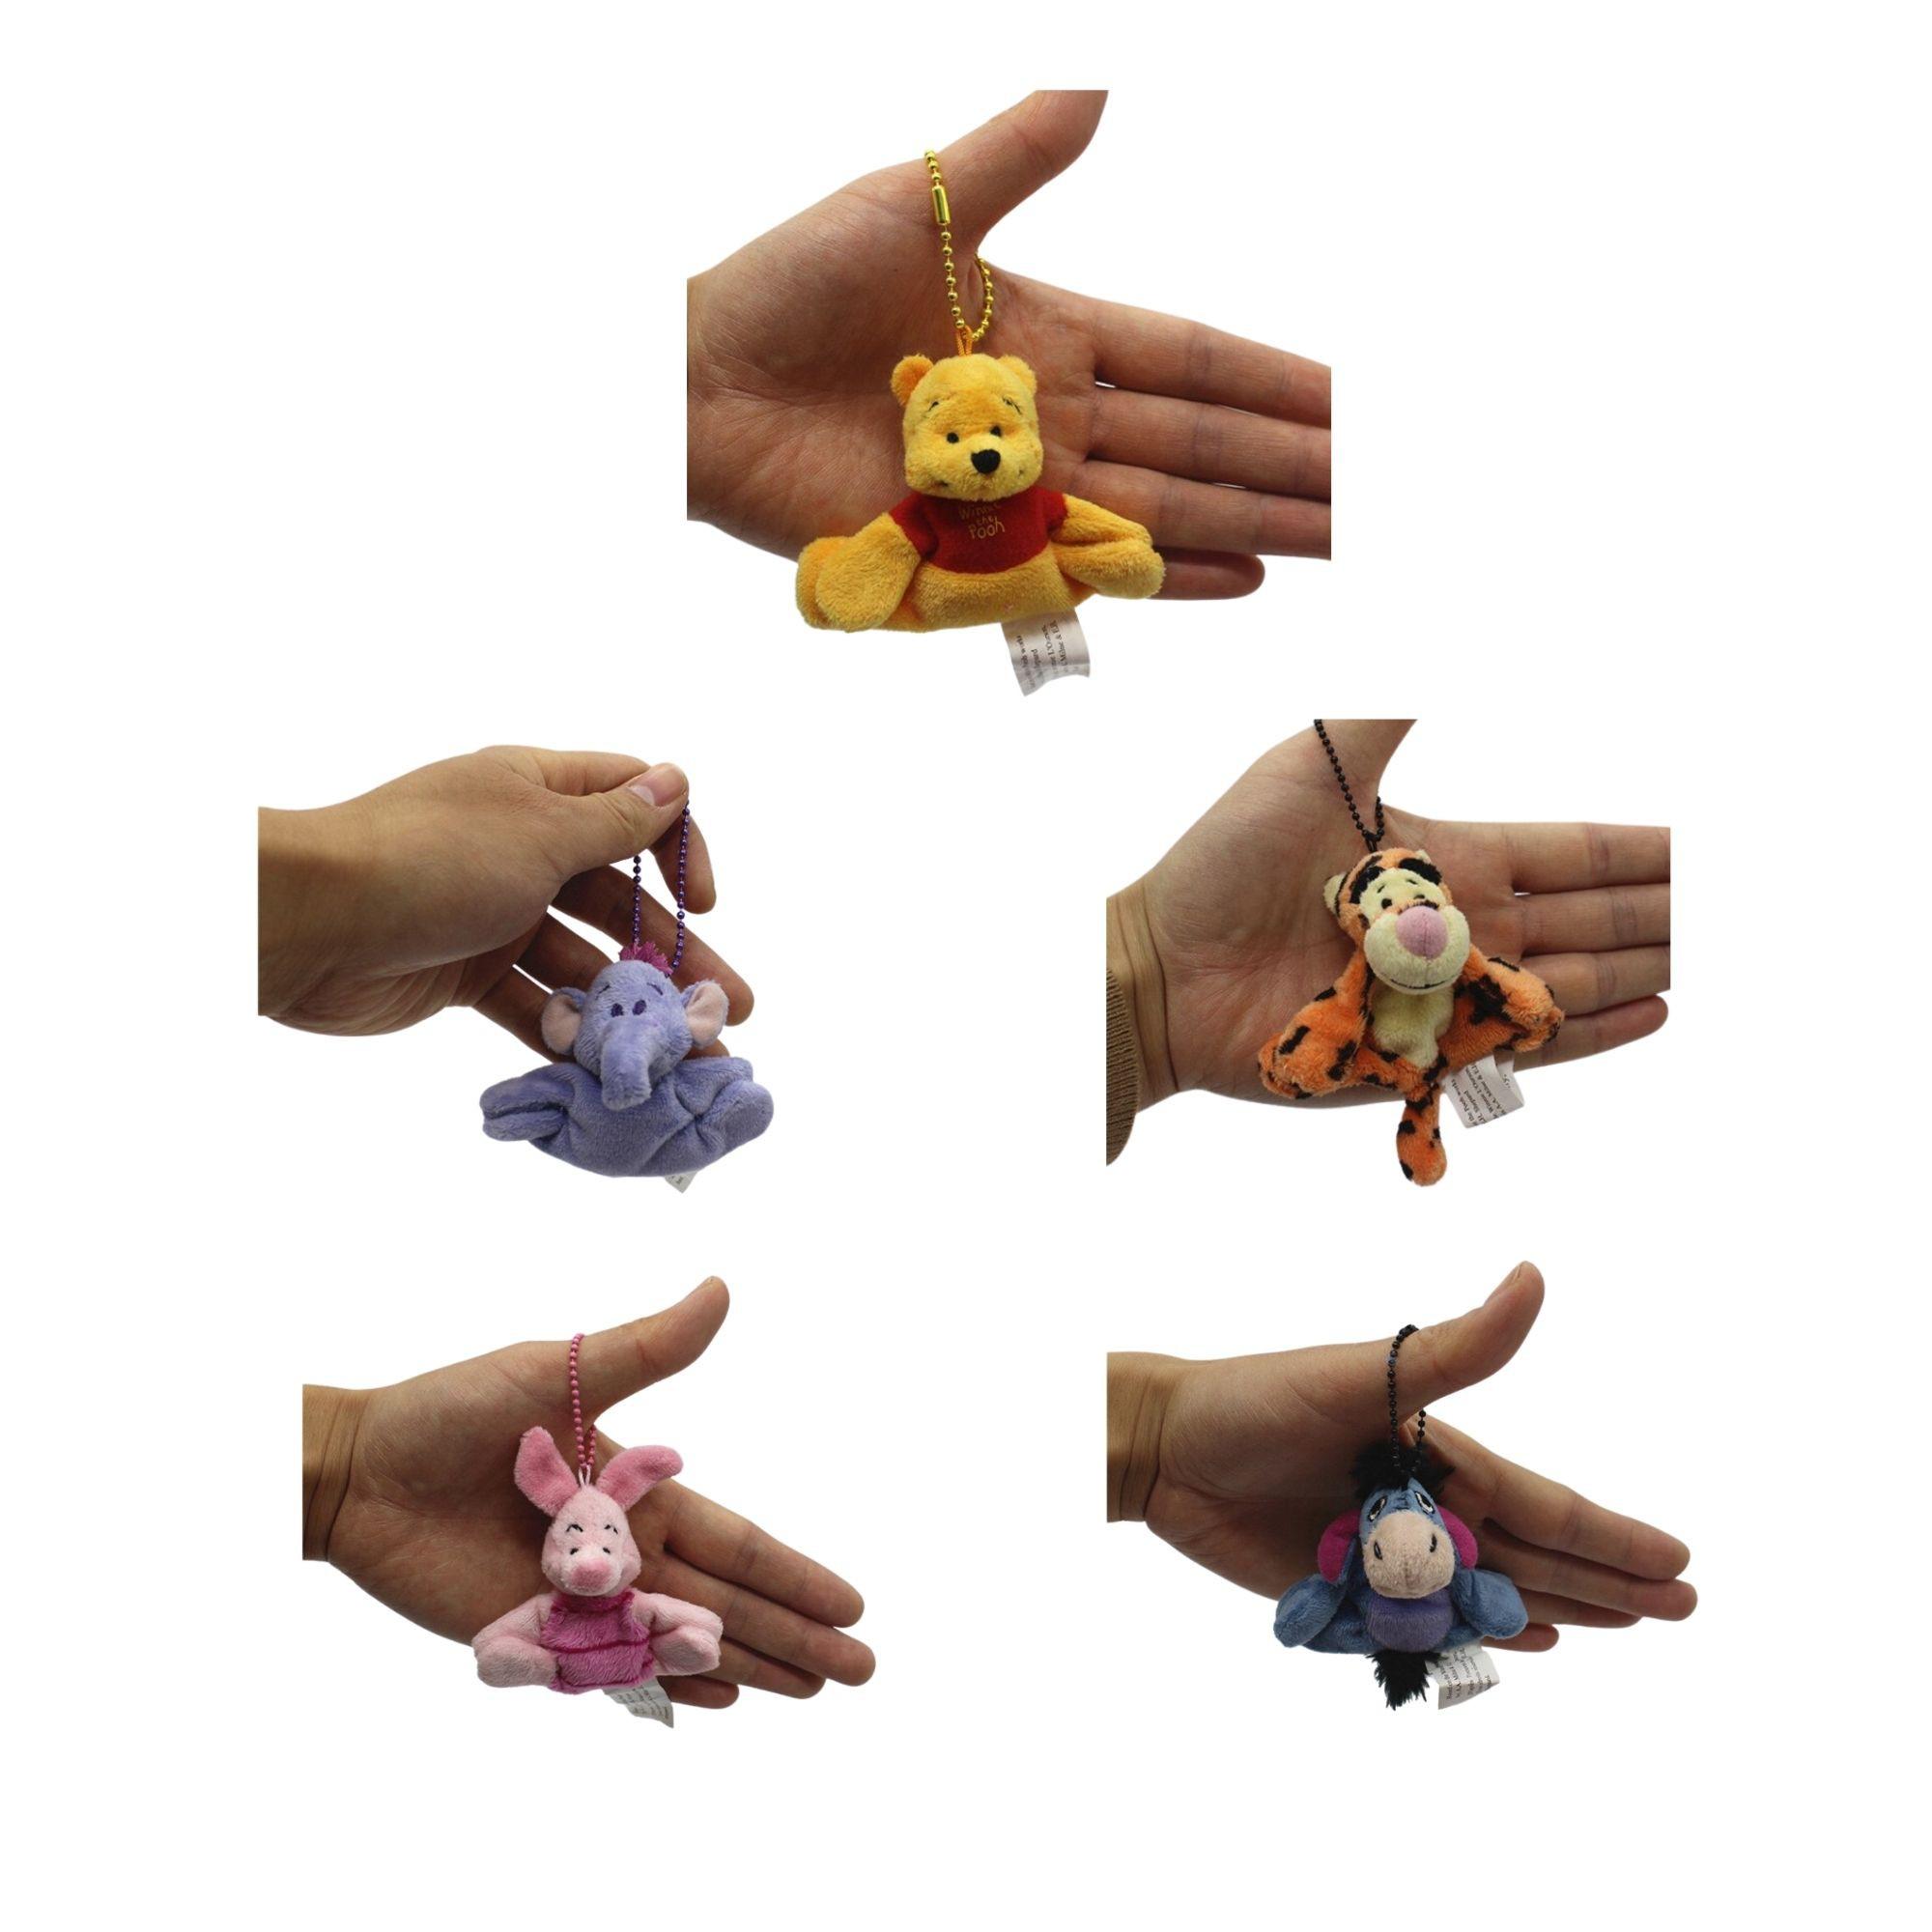 Chaveiros da Turma do Pooh com 5 personagens para mochila e agarradinhos  - Game Land Brinquedos